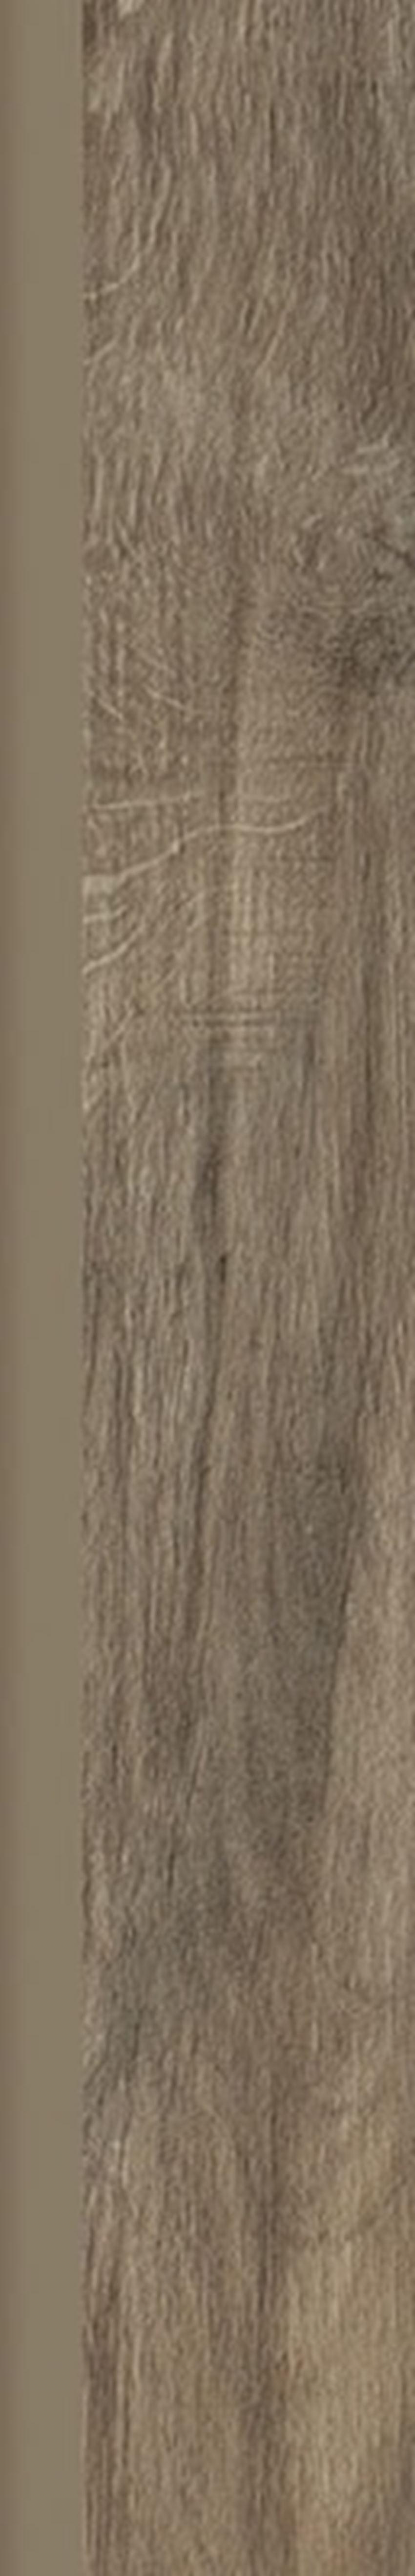 Płytka cokołowa 7,2x44,8 cm  Paradyż Soul Brown Cokół Mat